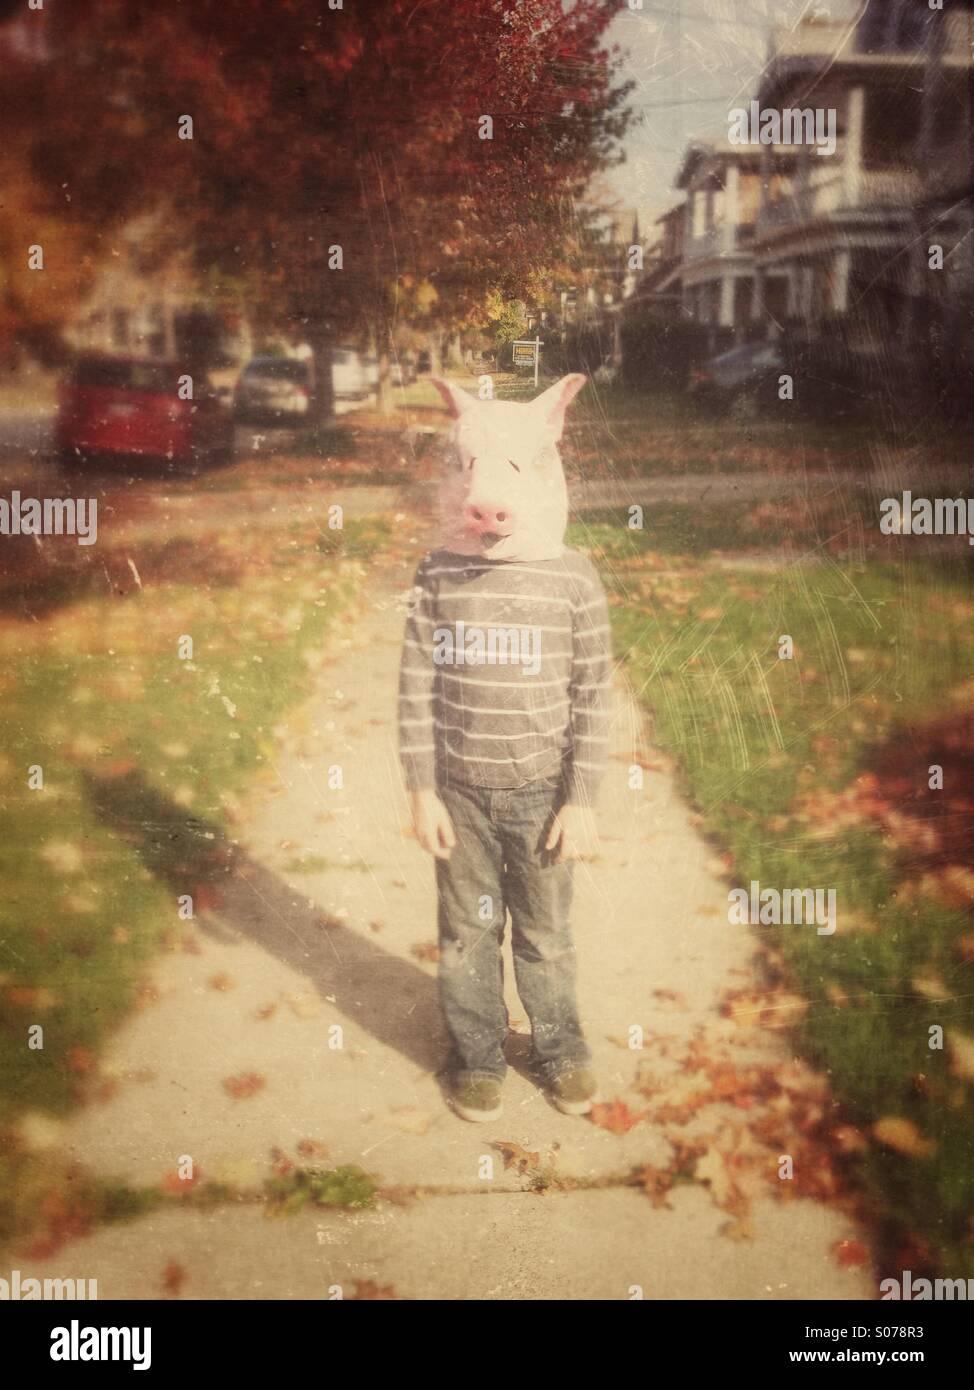 Junge im Schwein Maske auf Bürgersteig Stockbild